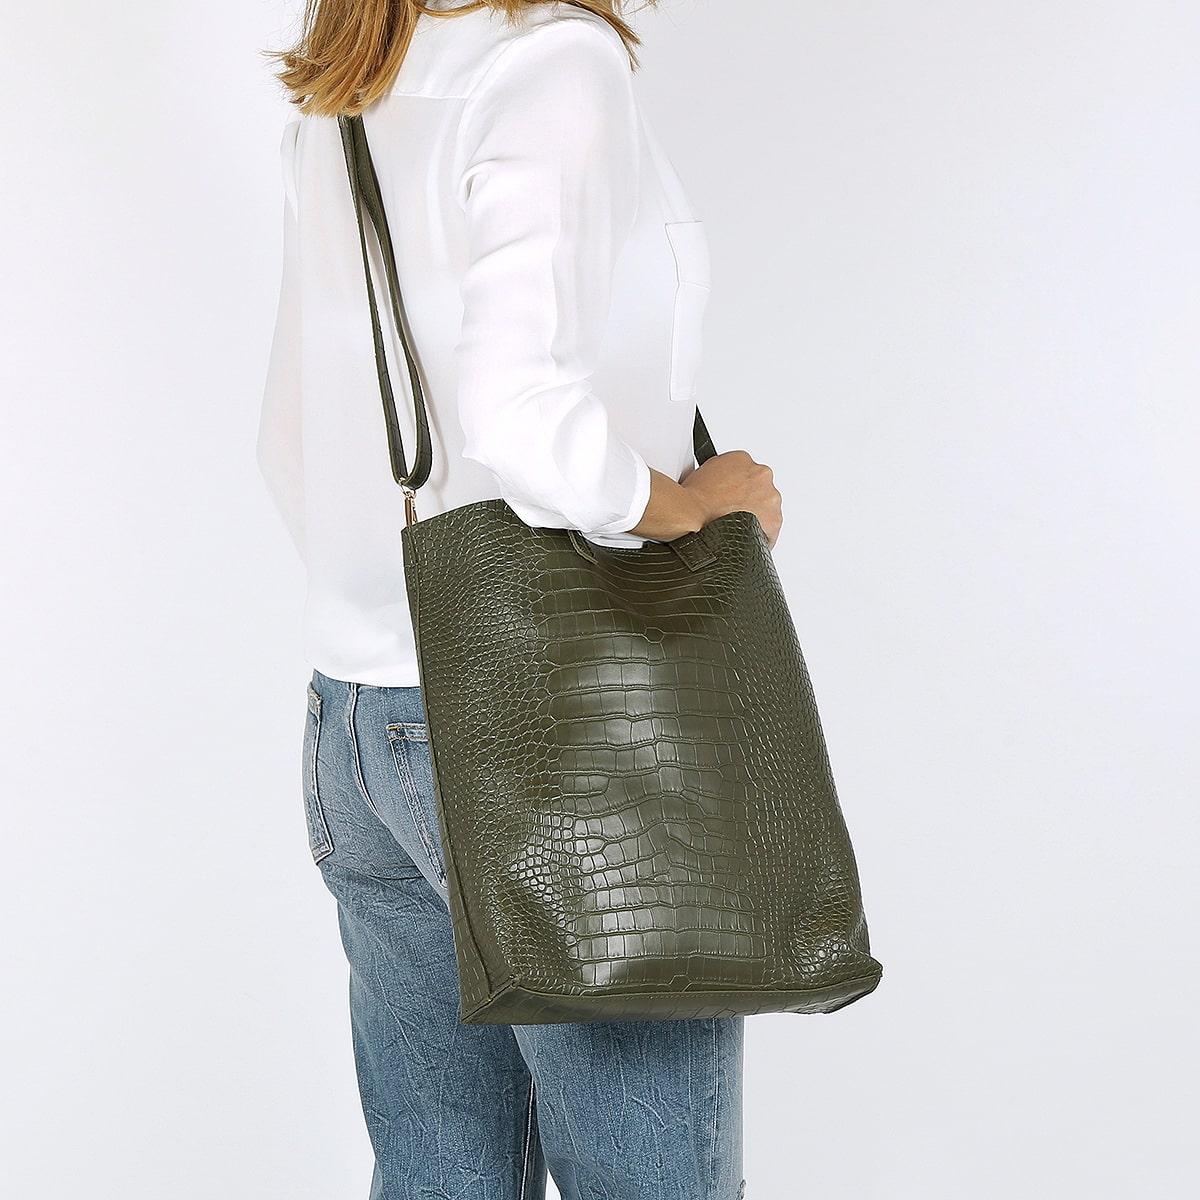 דגם רונה: תיק לנשים בצבע ירוק